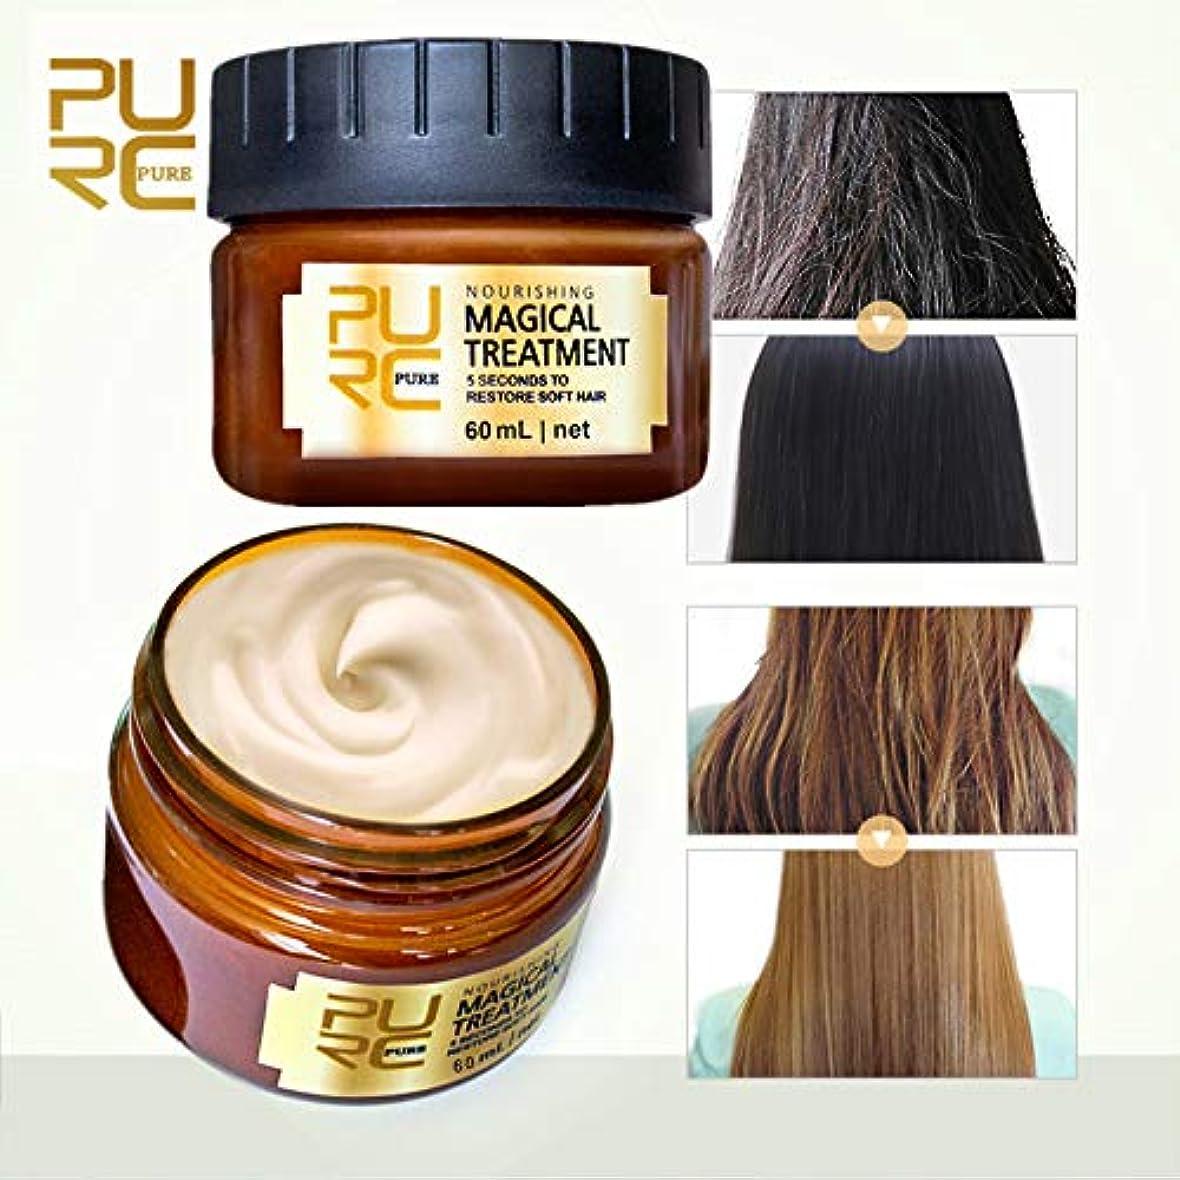 呼び起こす織るファセットベストプライス - 3本x 60mlマジカルヘアトリートメントマスク5秒 ダメージを回復しますソフトヘアケラチンヘアケア&スカルプトリートメント (3pcs X 60ml Magical Hair Treatment Mask...